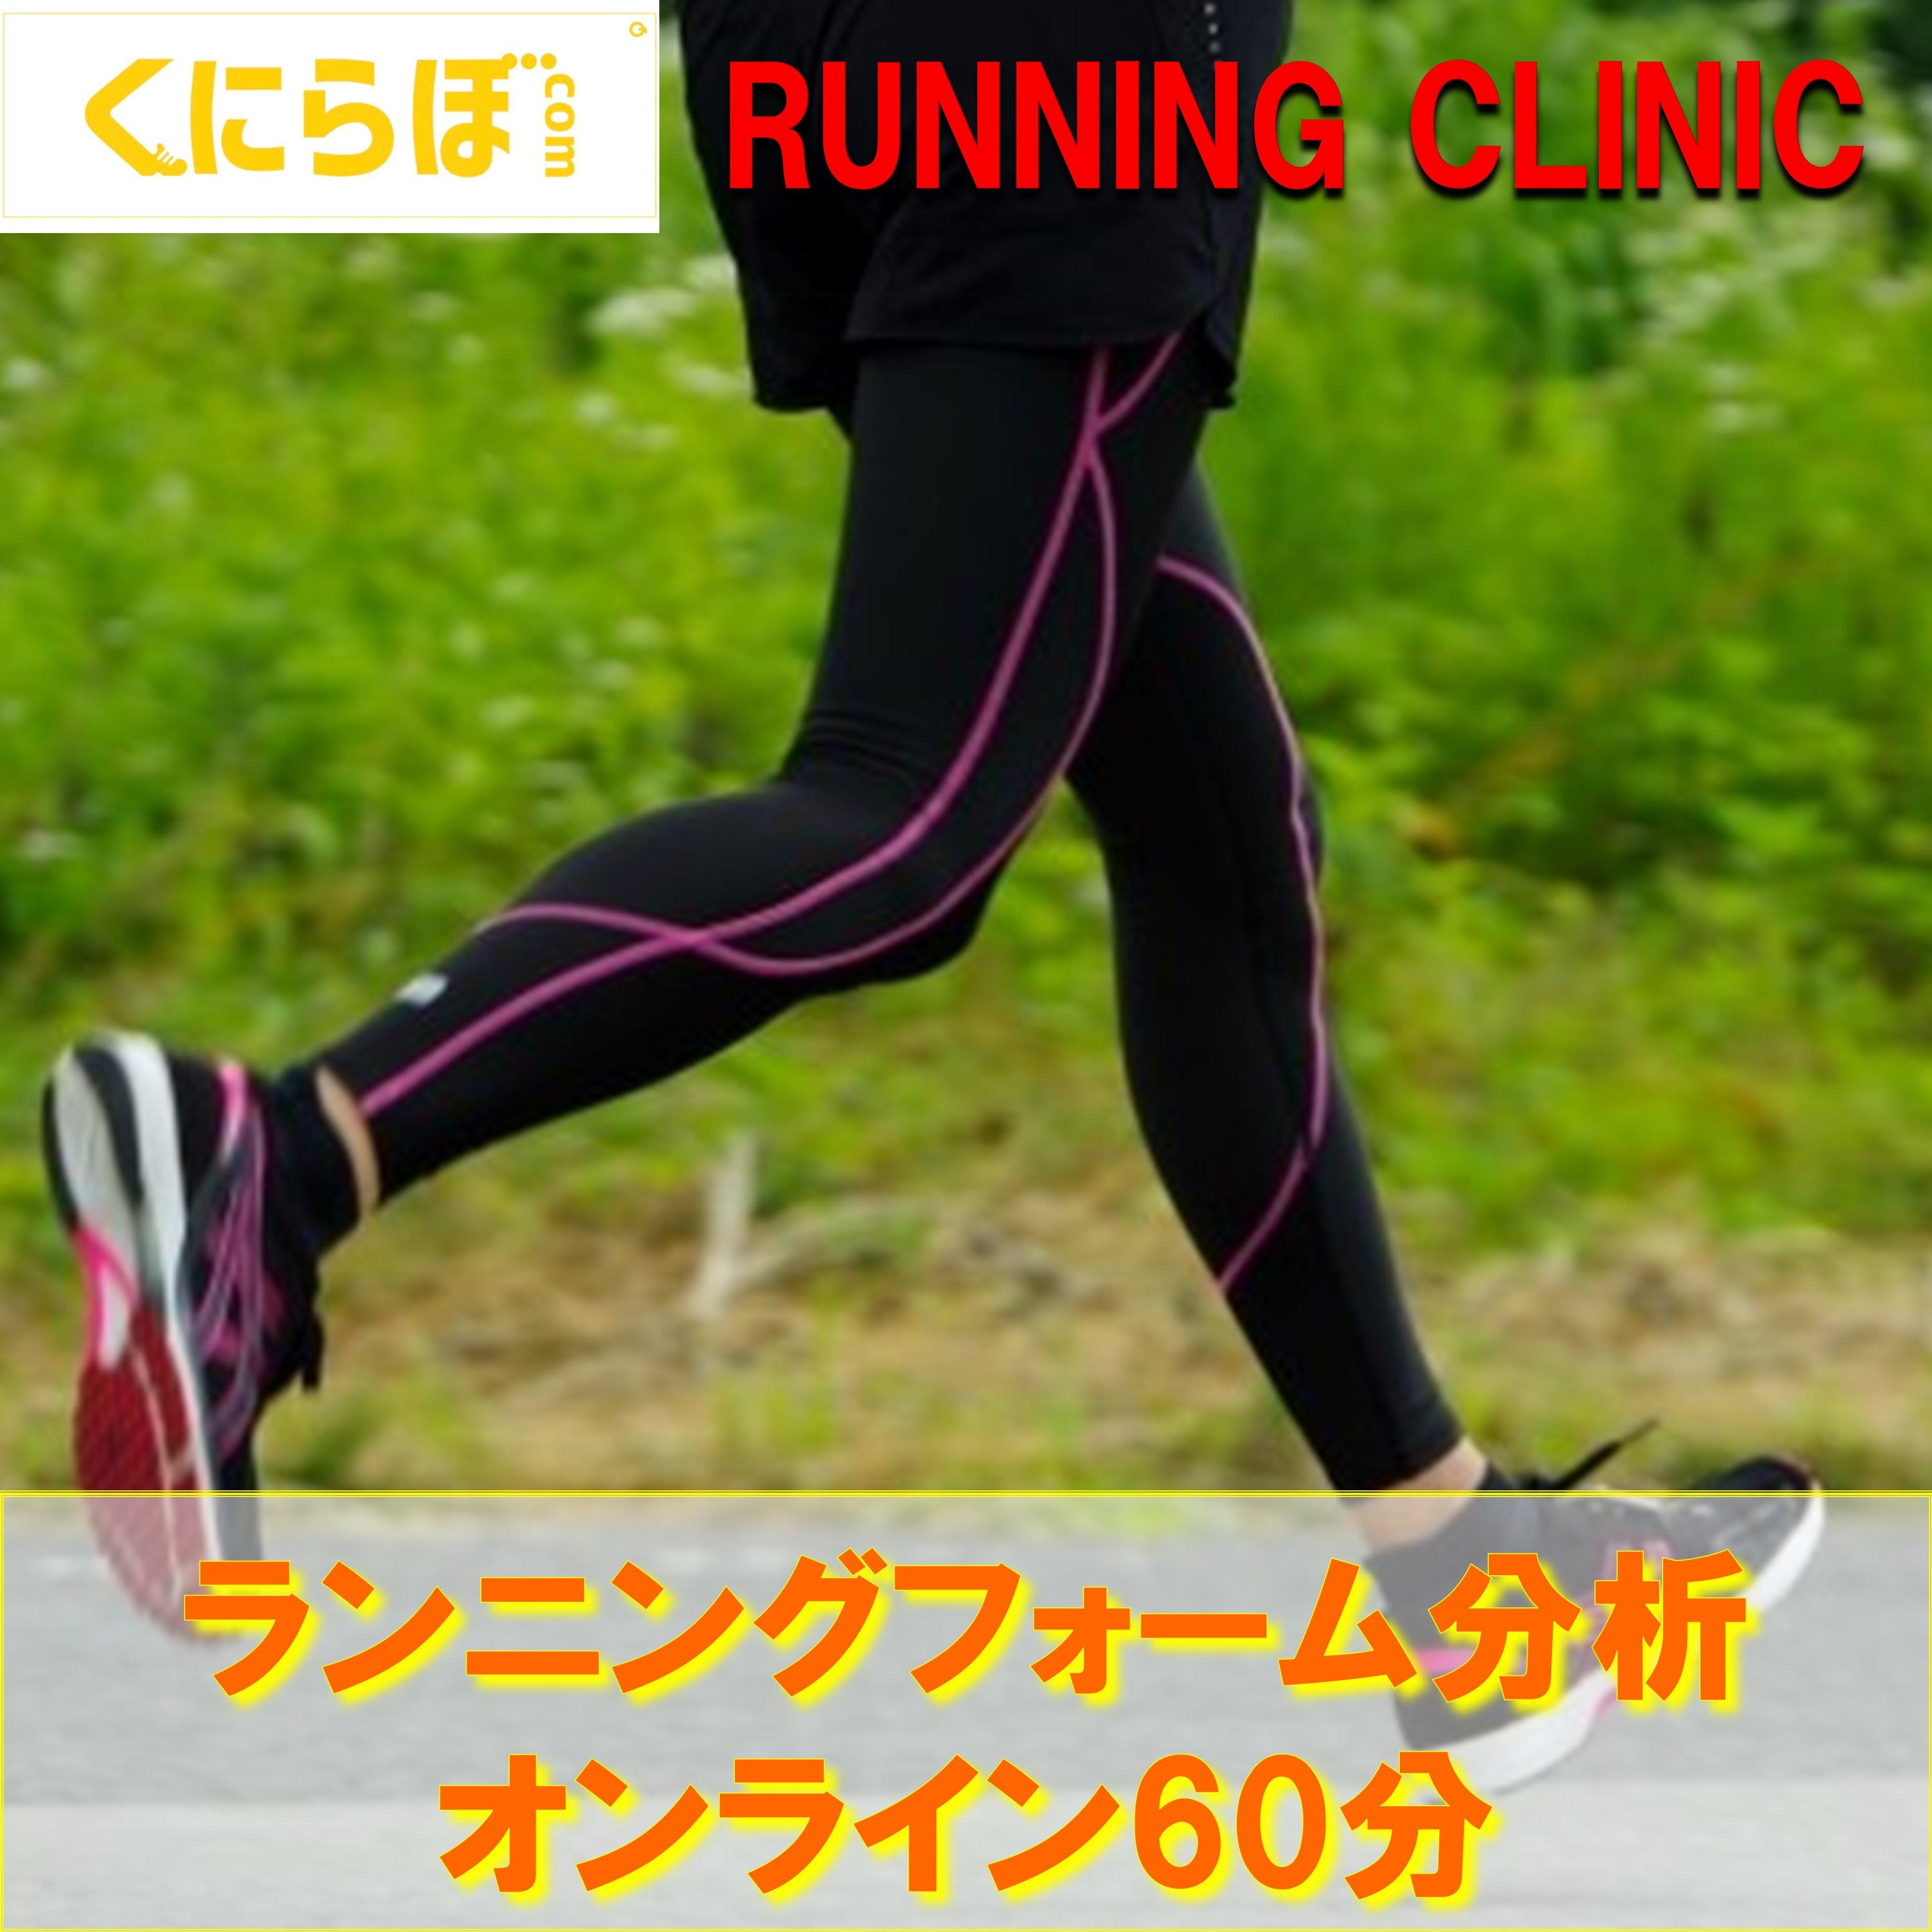 走り方を見せたくなる第一歩ランニングフォーム分析60分-オンライン-【くにらぼRunning Clinic】のイメージその1